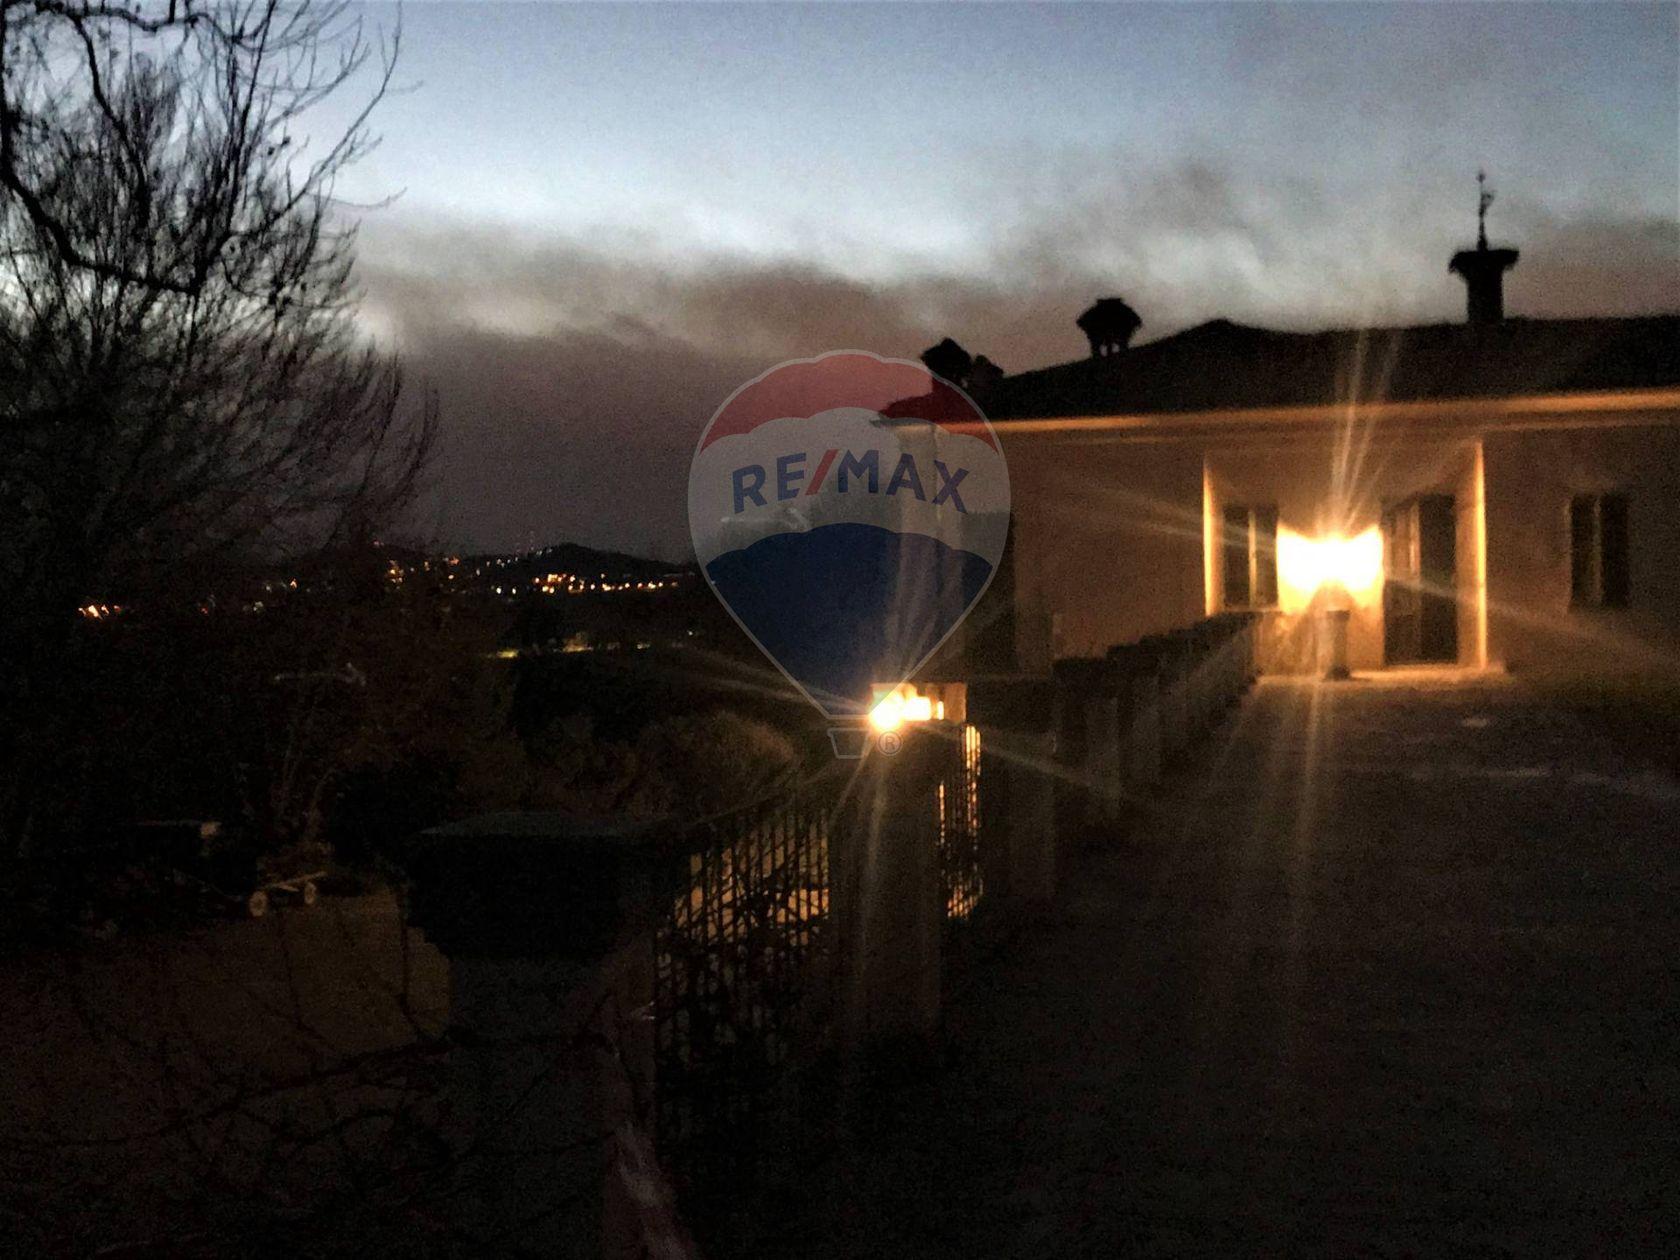 Appartamento Avuglione, Marentino, TO Vendita - Foto 46